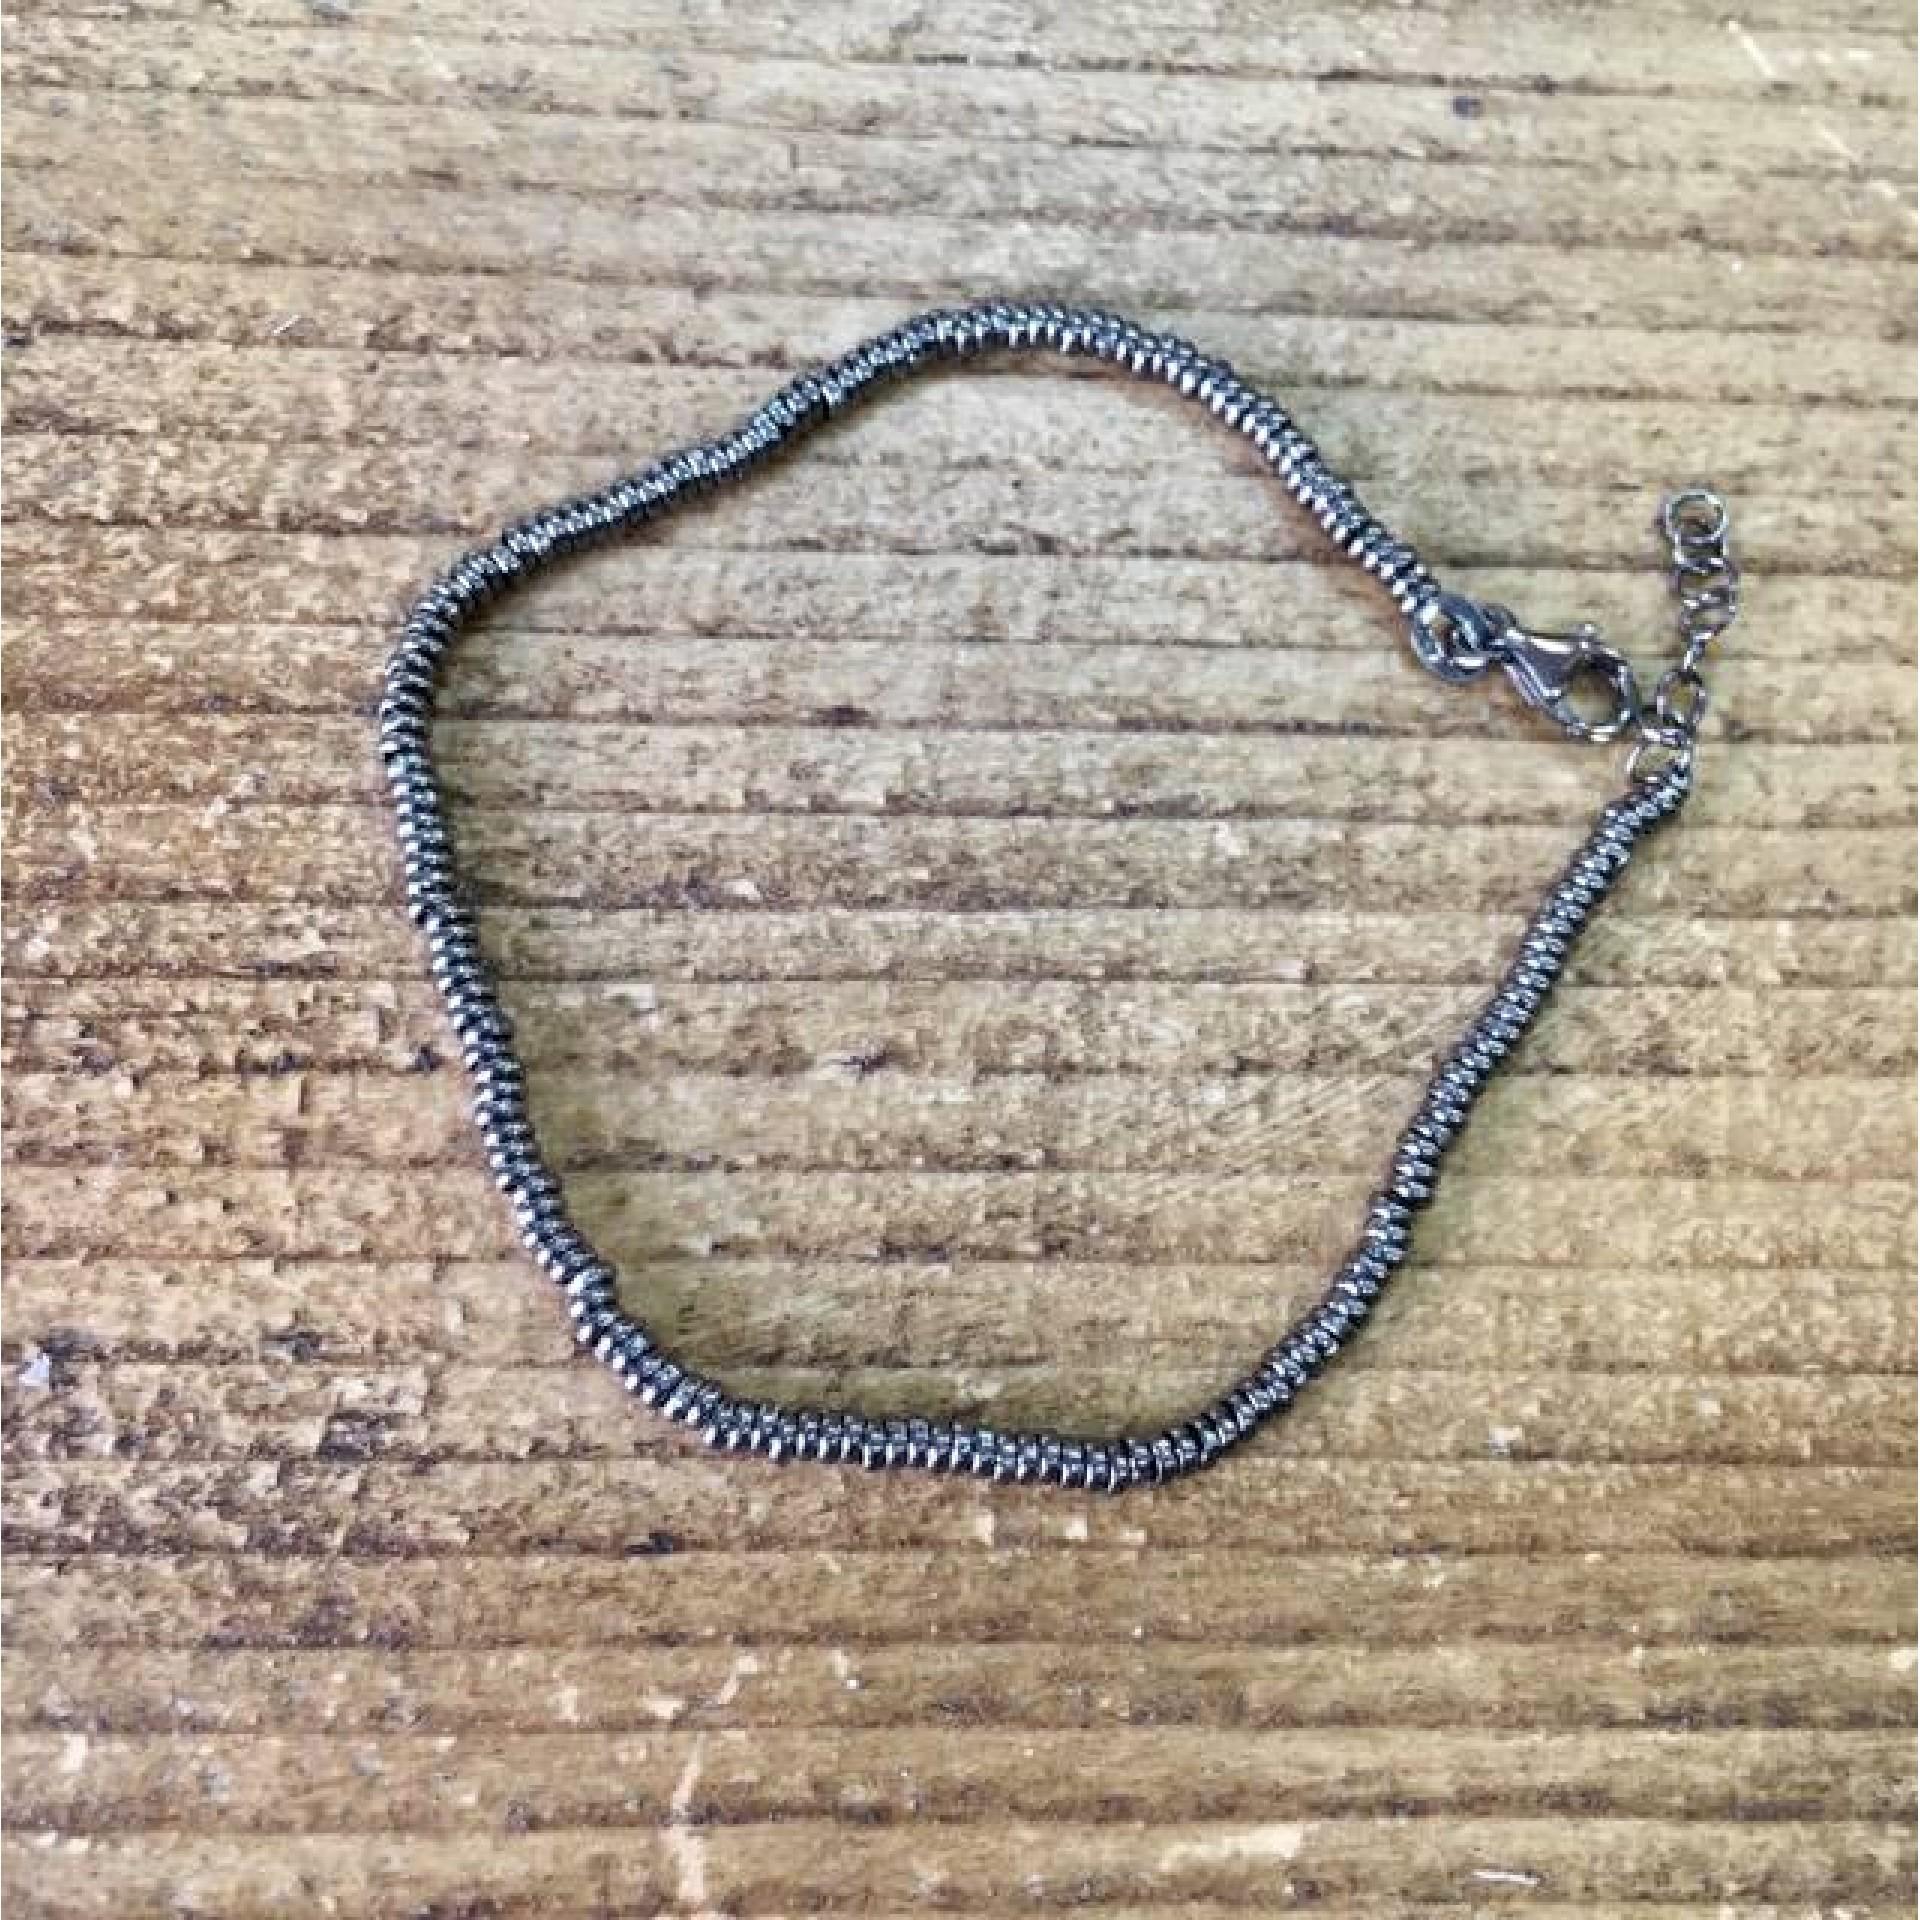 Black Caprice silver bracelet